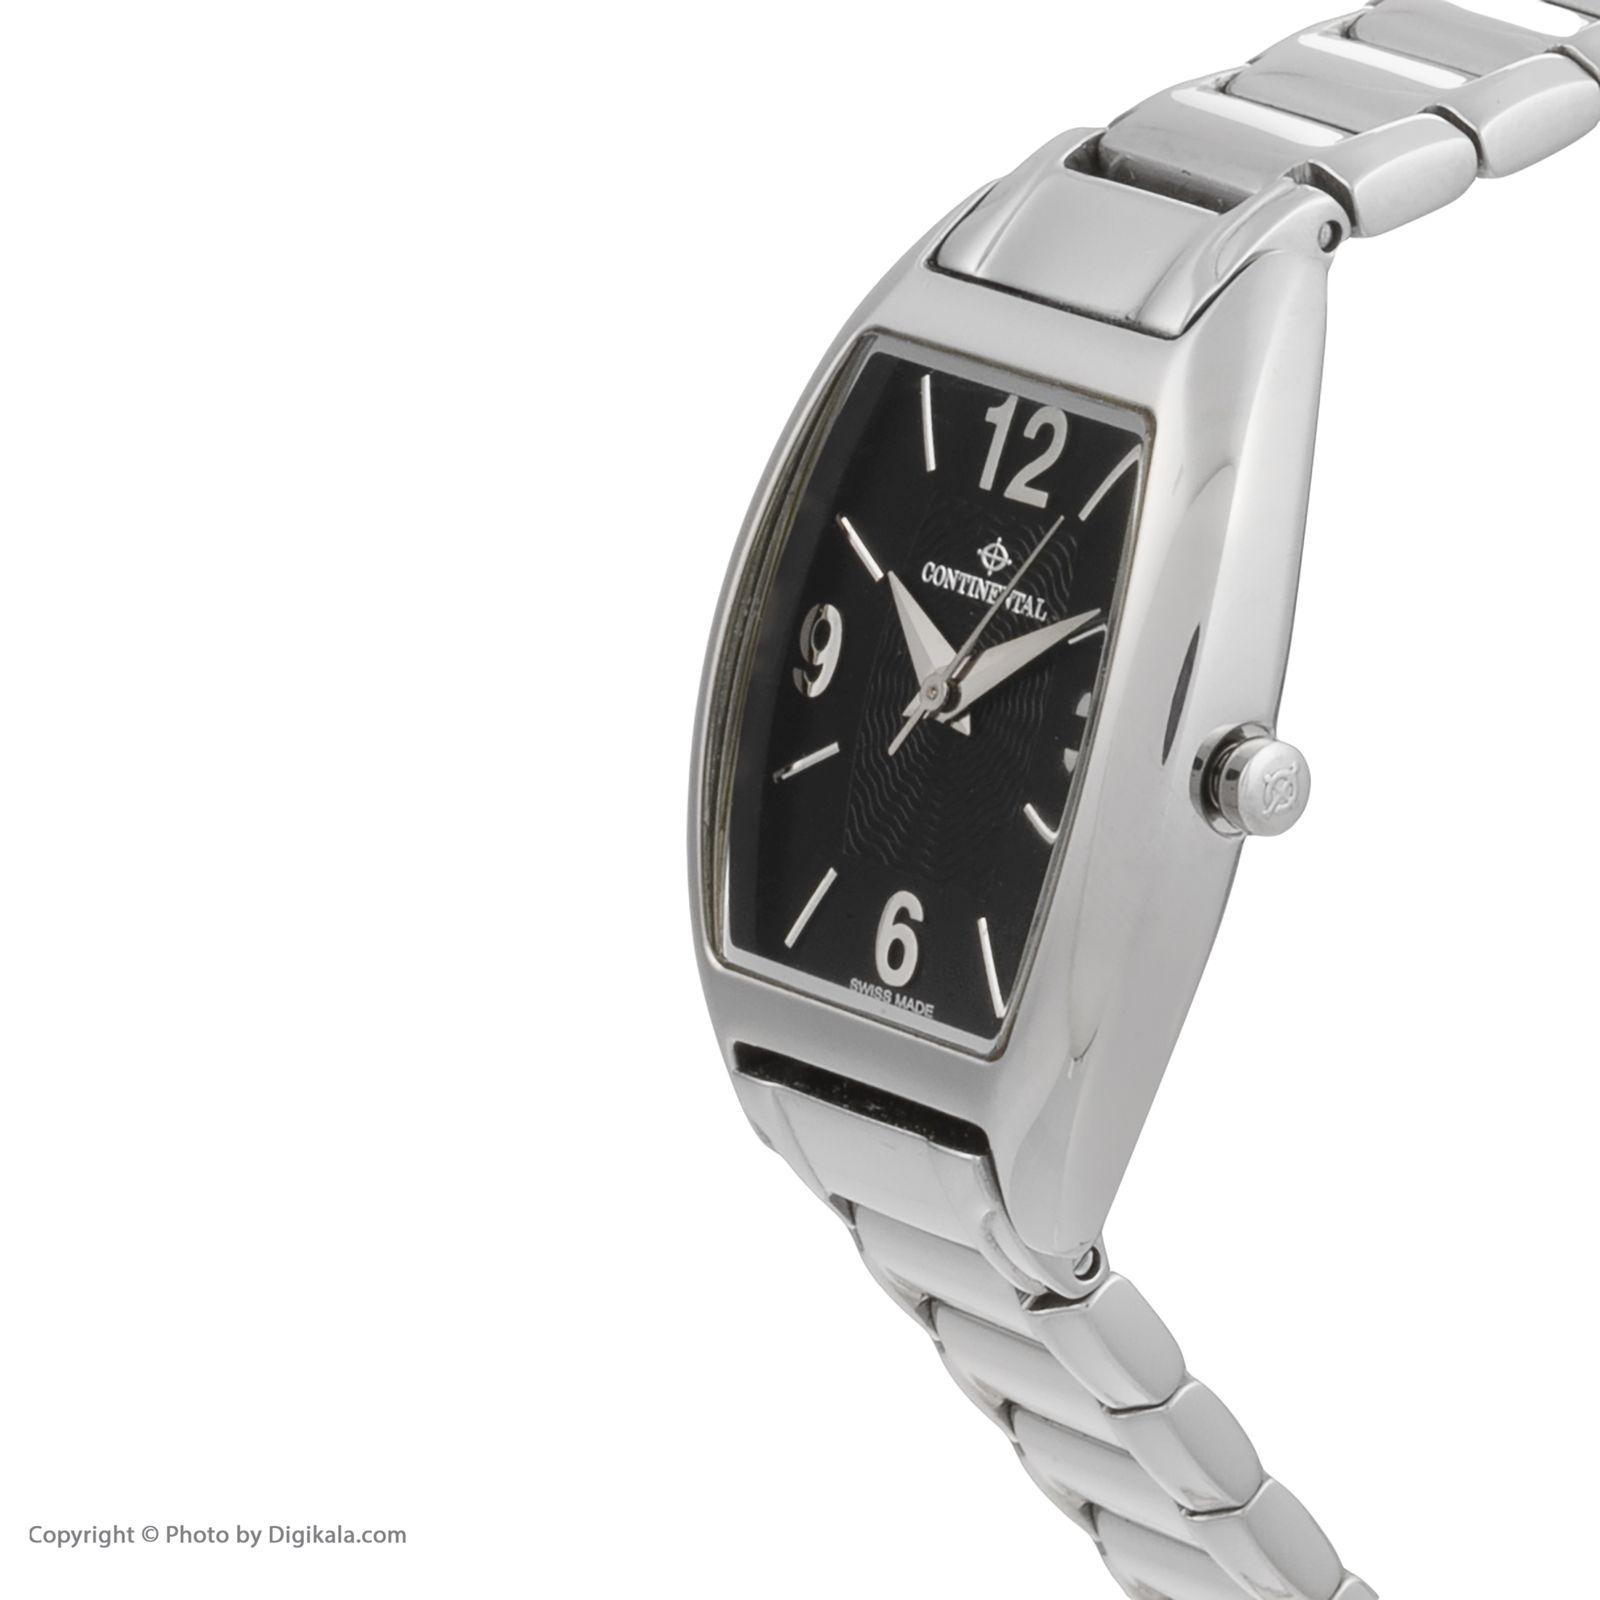 ساعت مچی عقربه ای زنانه کنتیننتال مدل 5074-204 -  - 2